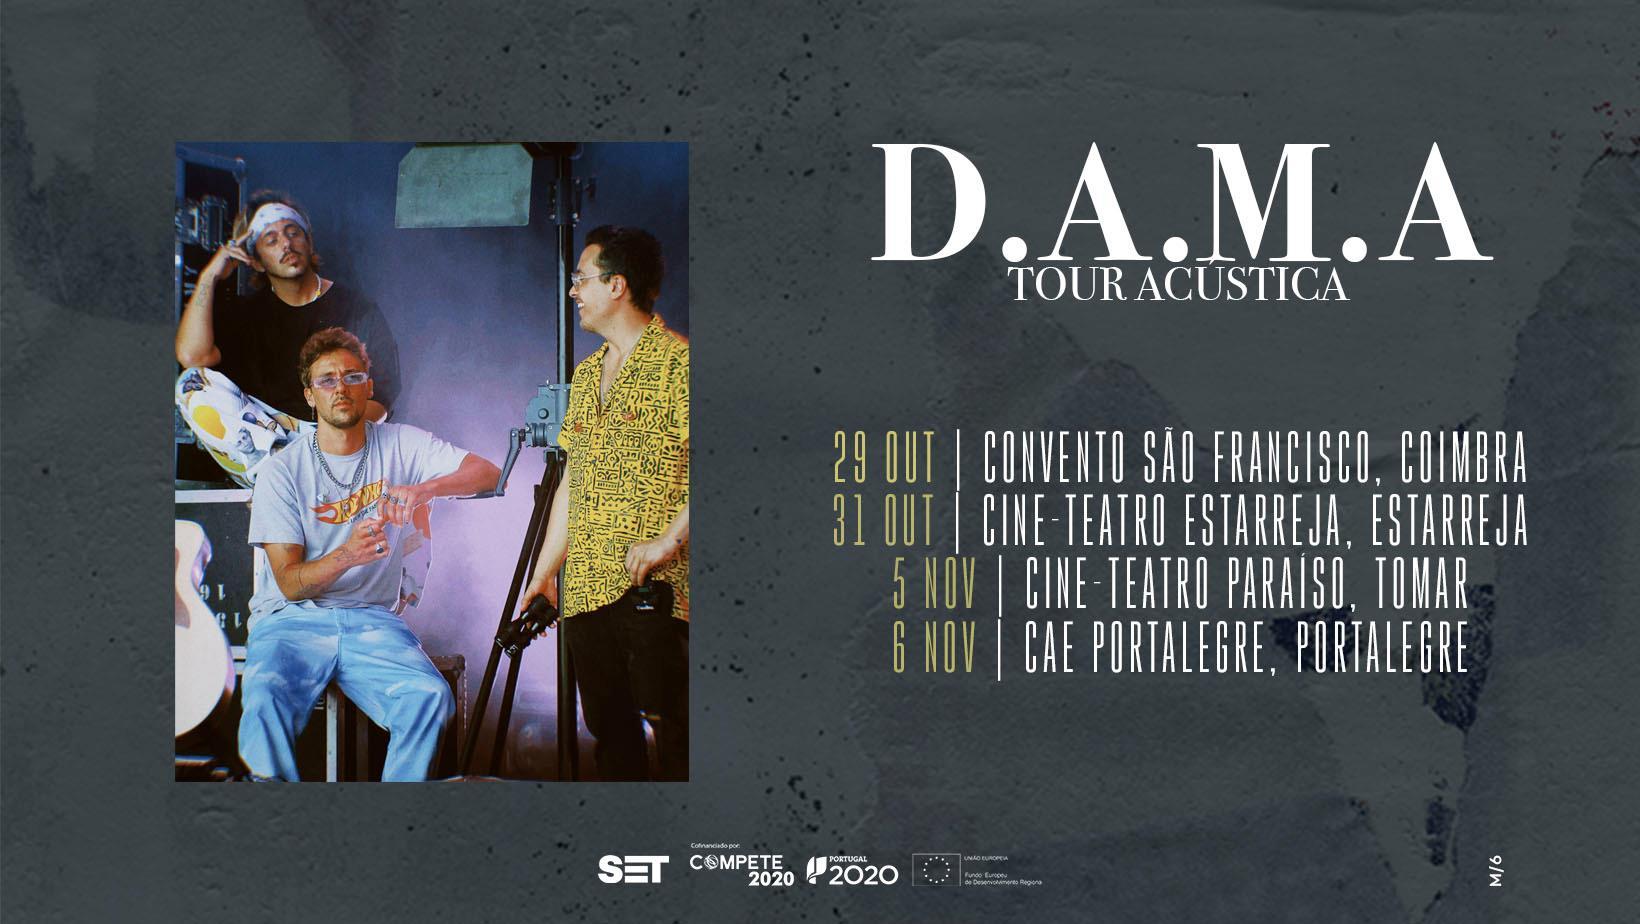 DAMA | Tour Acústica - Estarreja